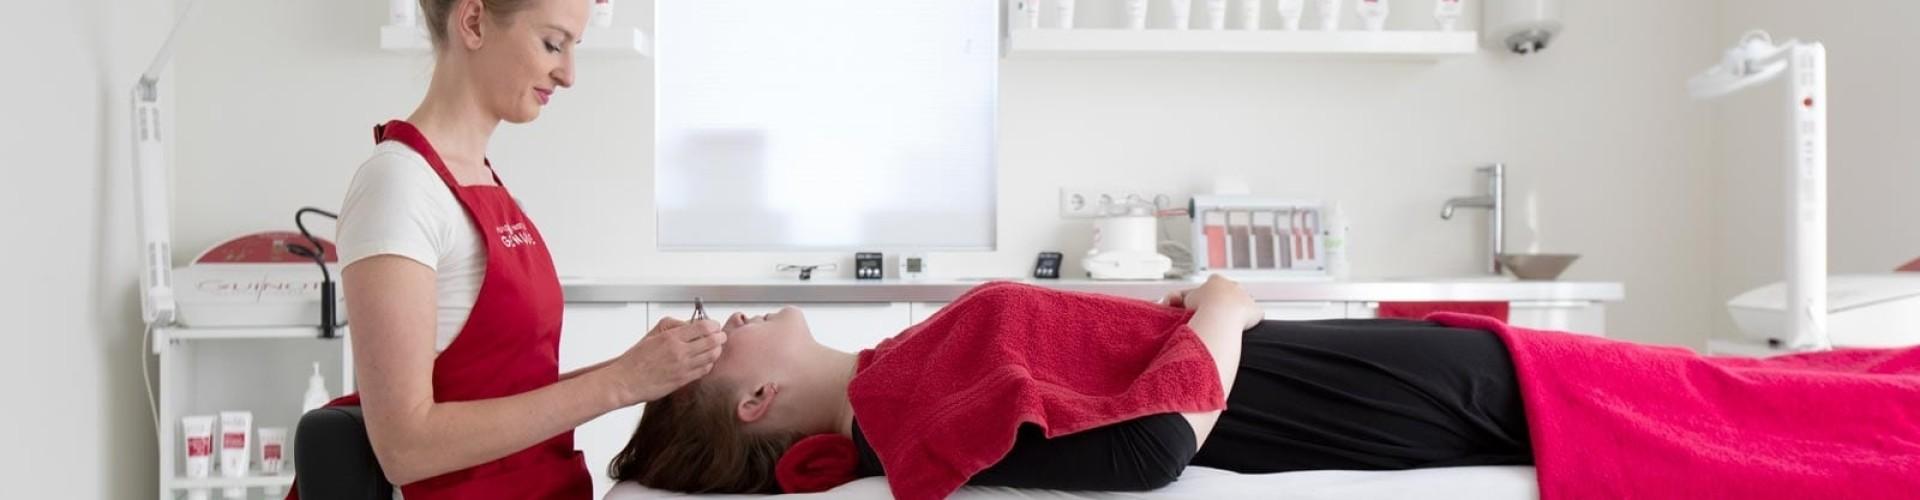 Ergonomische stoel voor massage